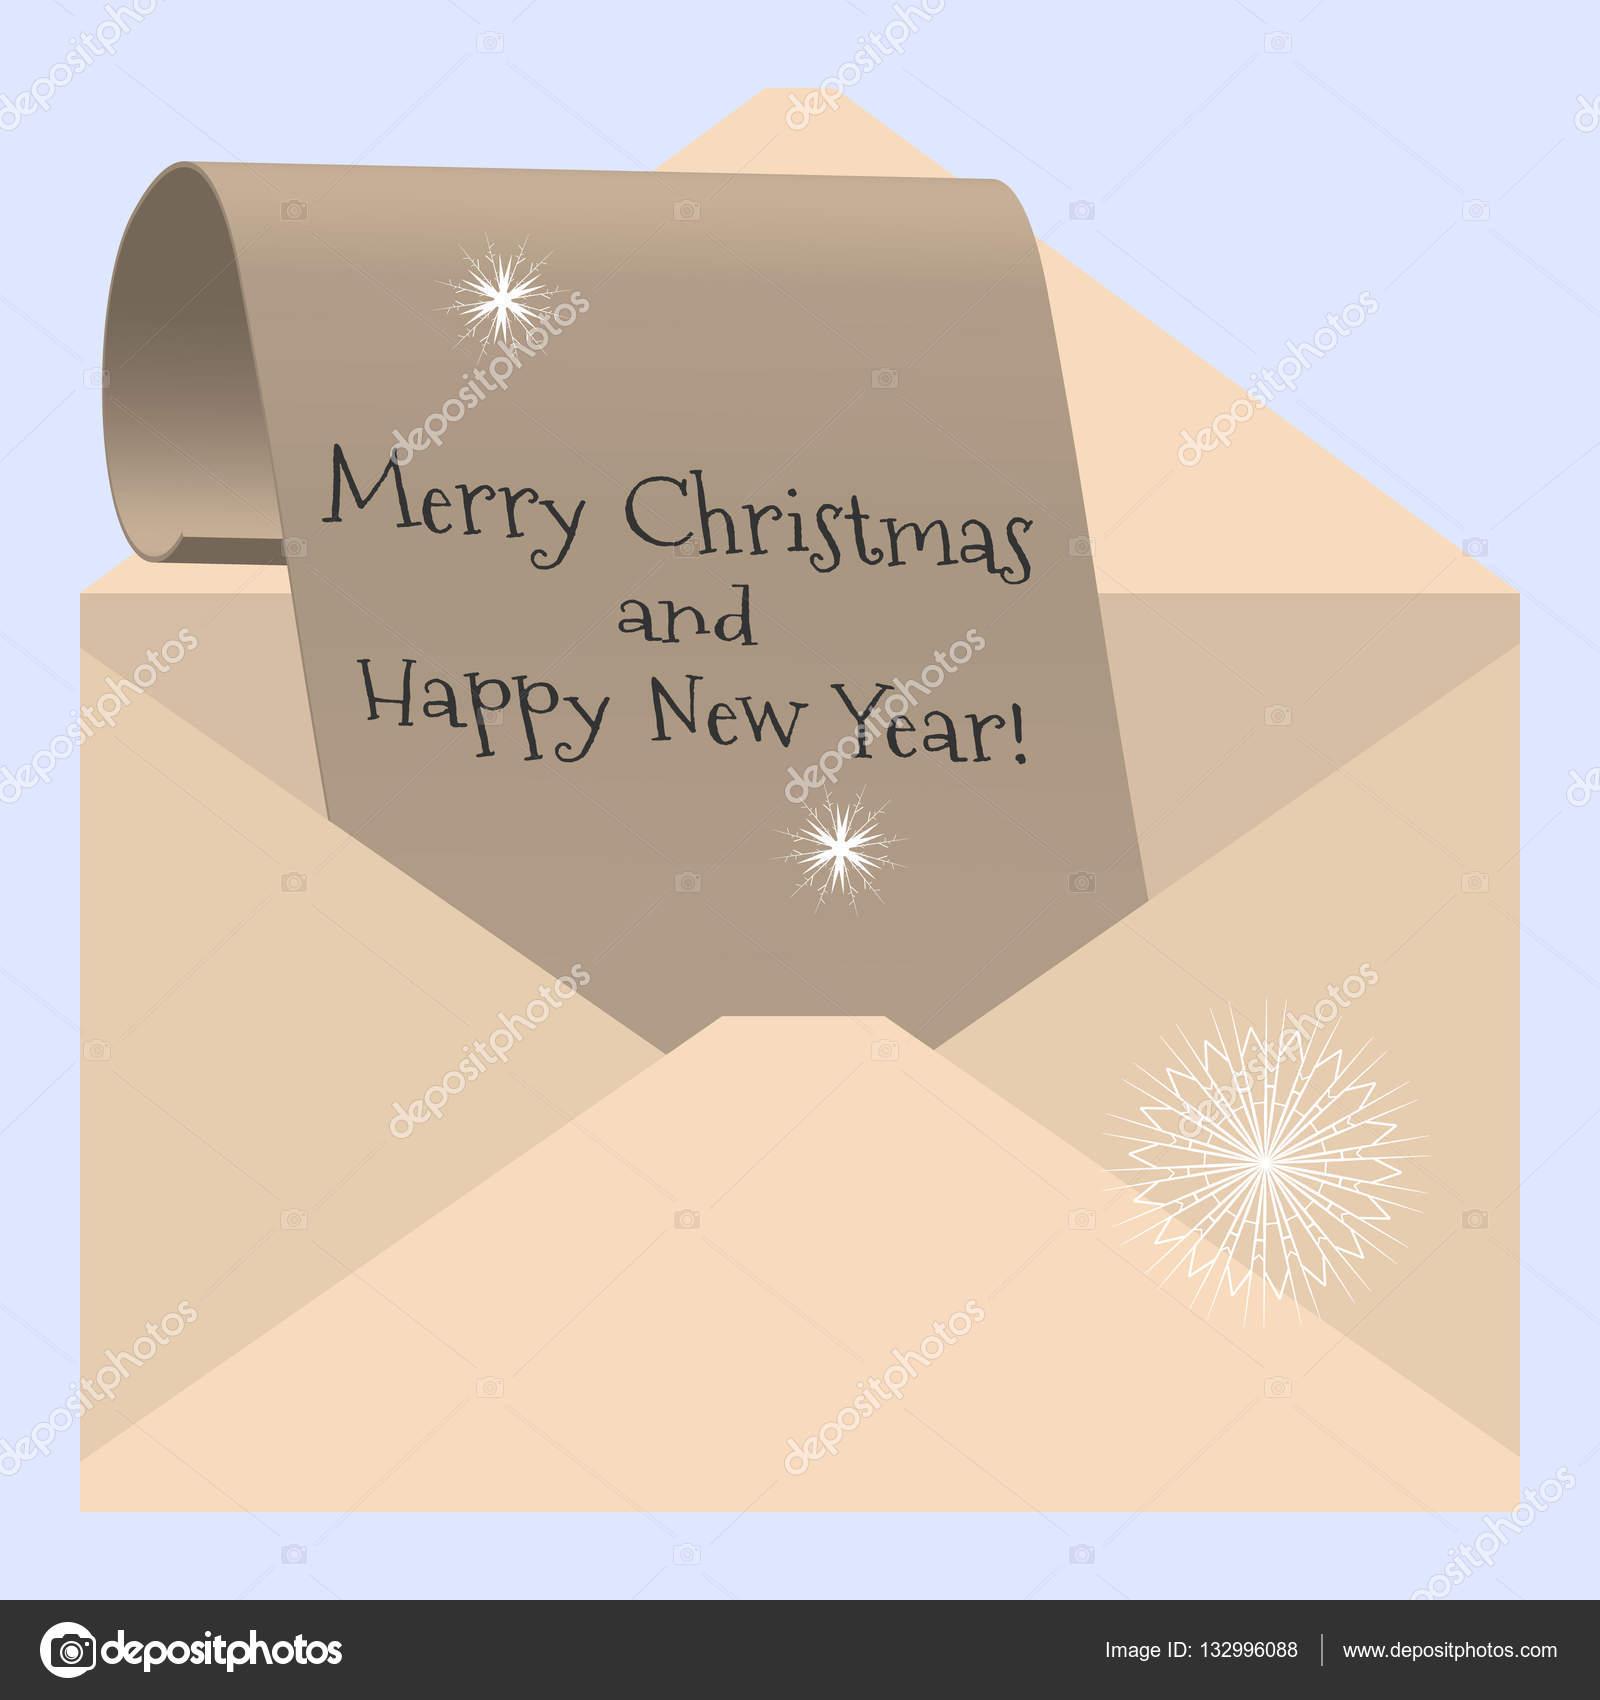 Carta De Felicitaciones De Navidad Y Ano Nuevo.Vector Carta Navidad Vector Ilustracion Felicitaciones